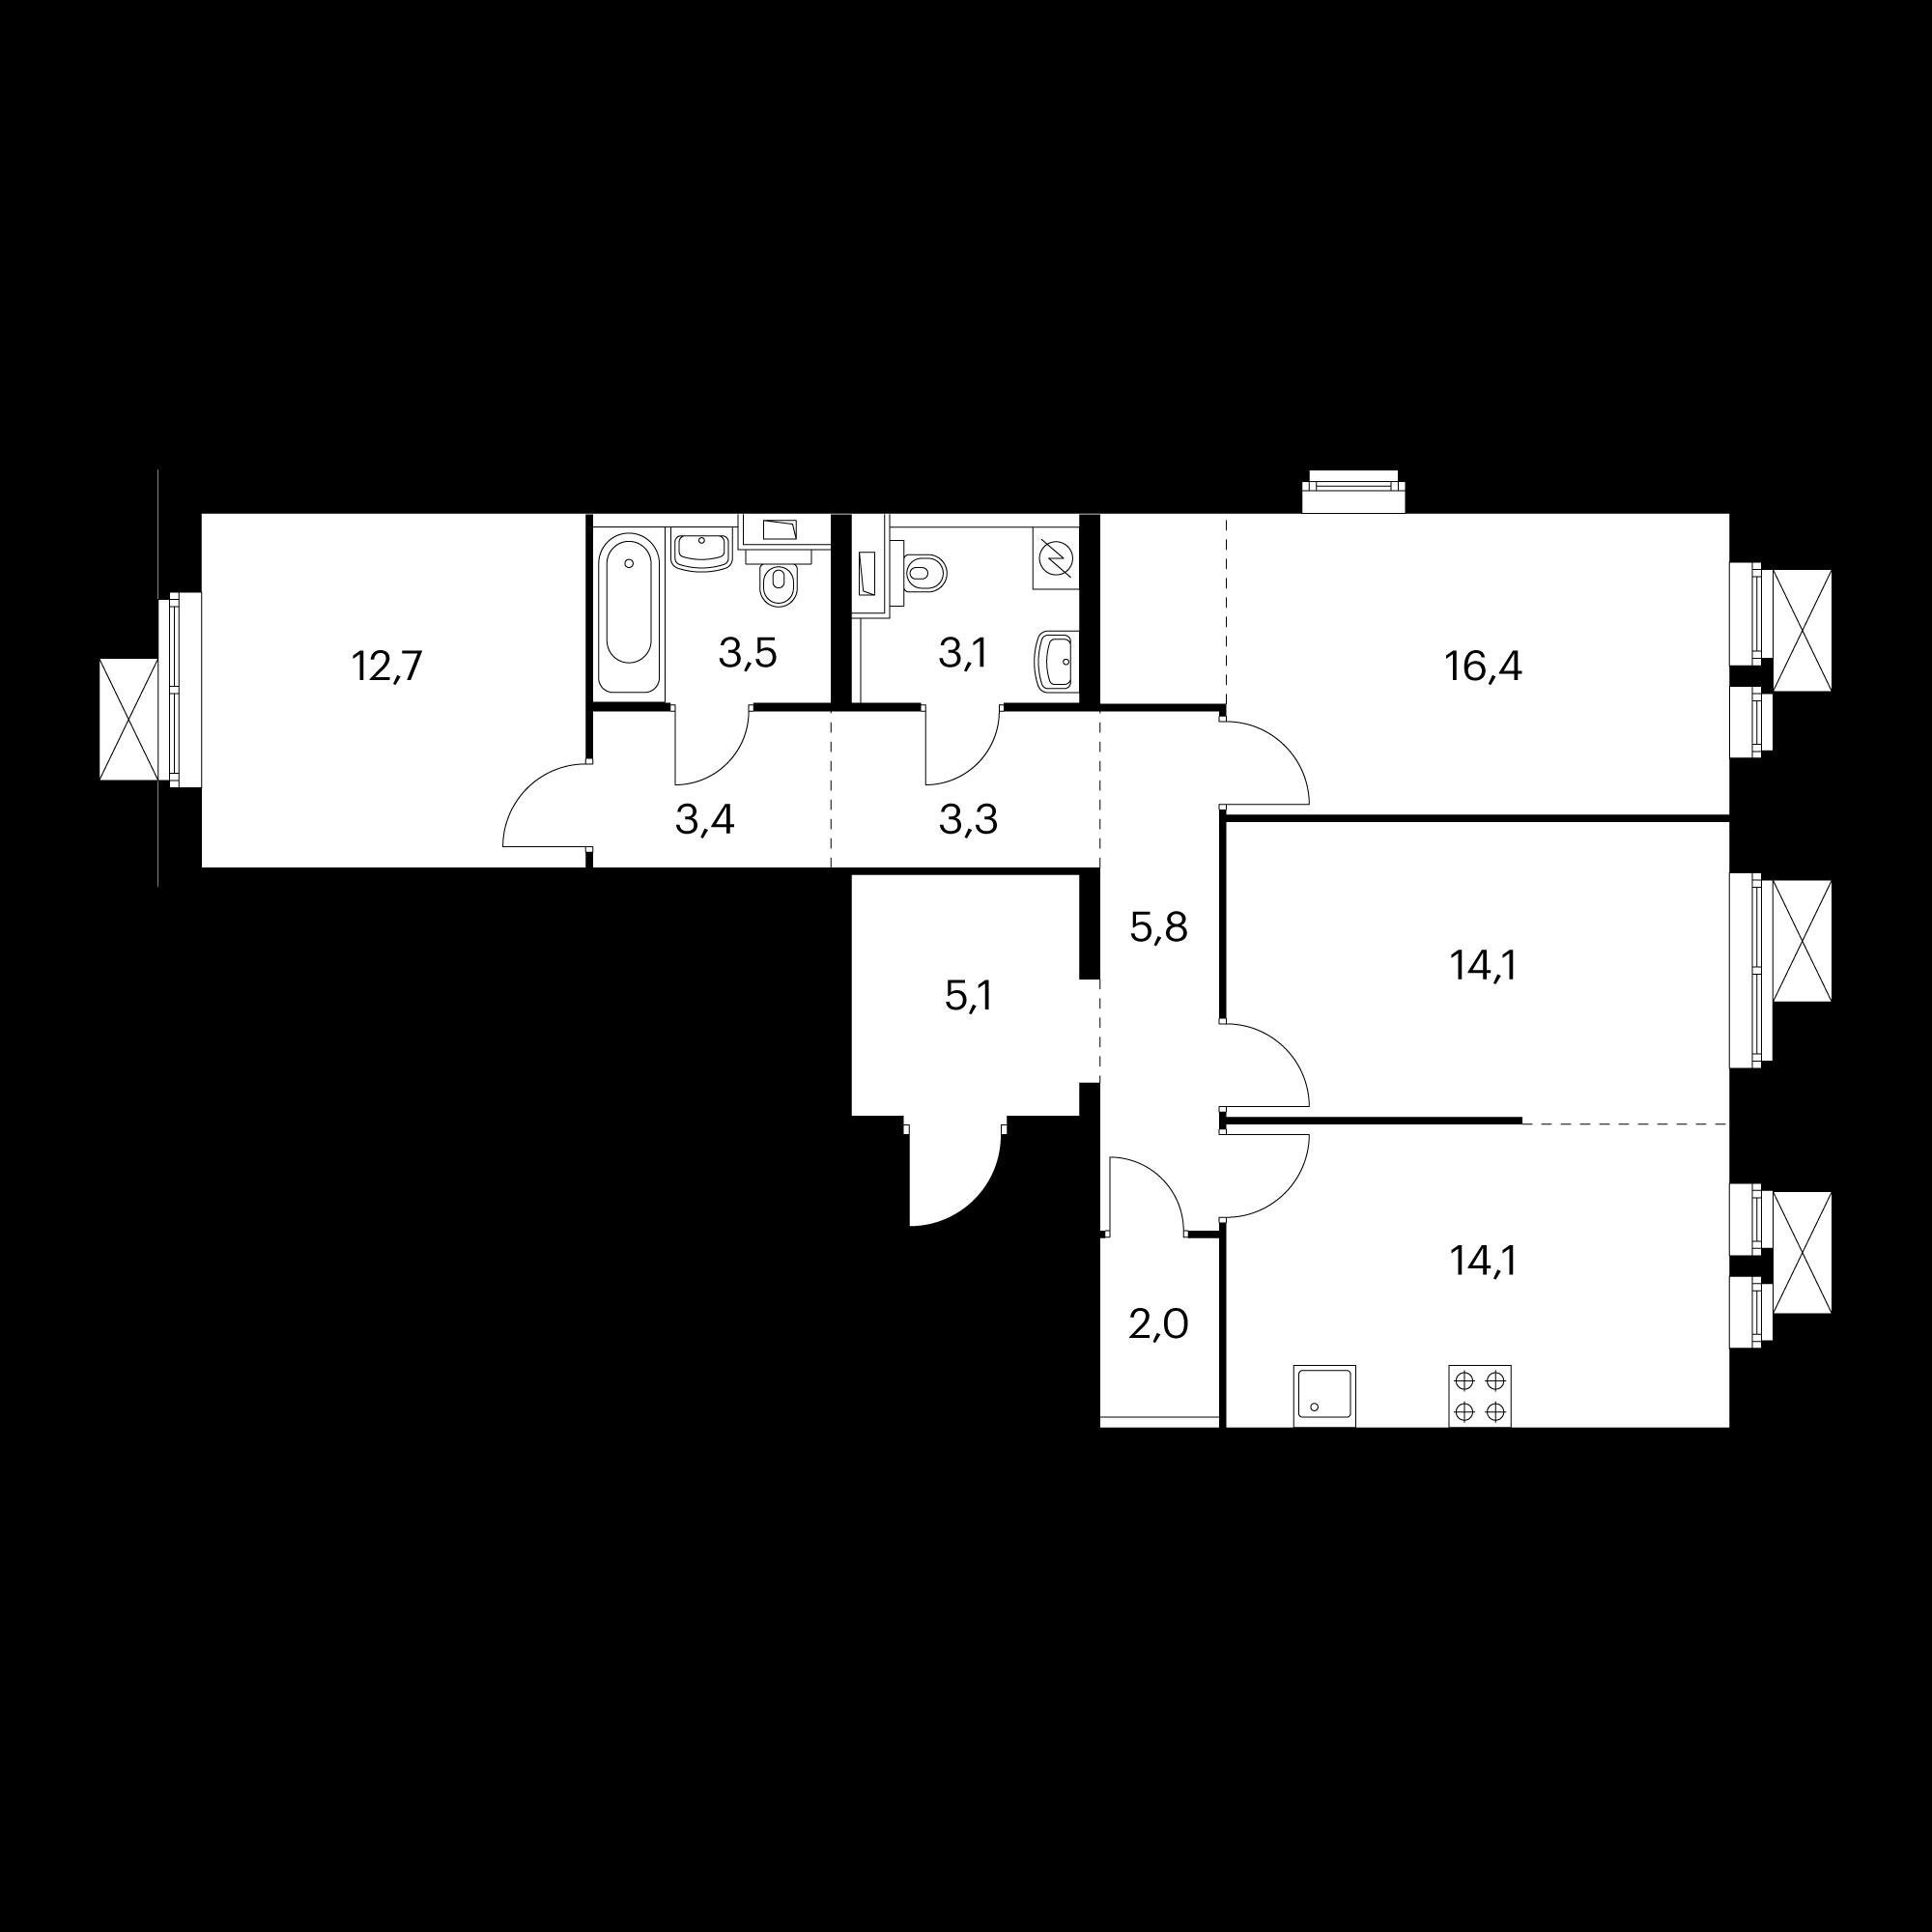 3-комнатная 83.5 м²